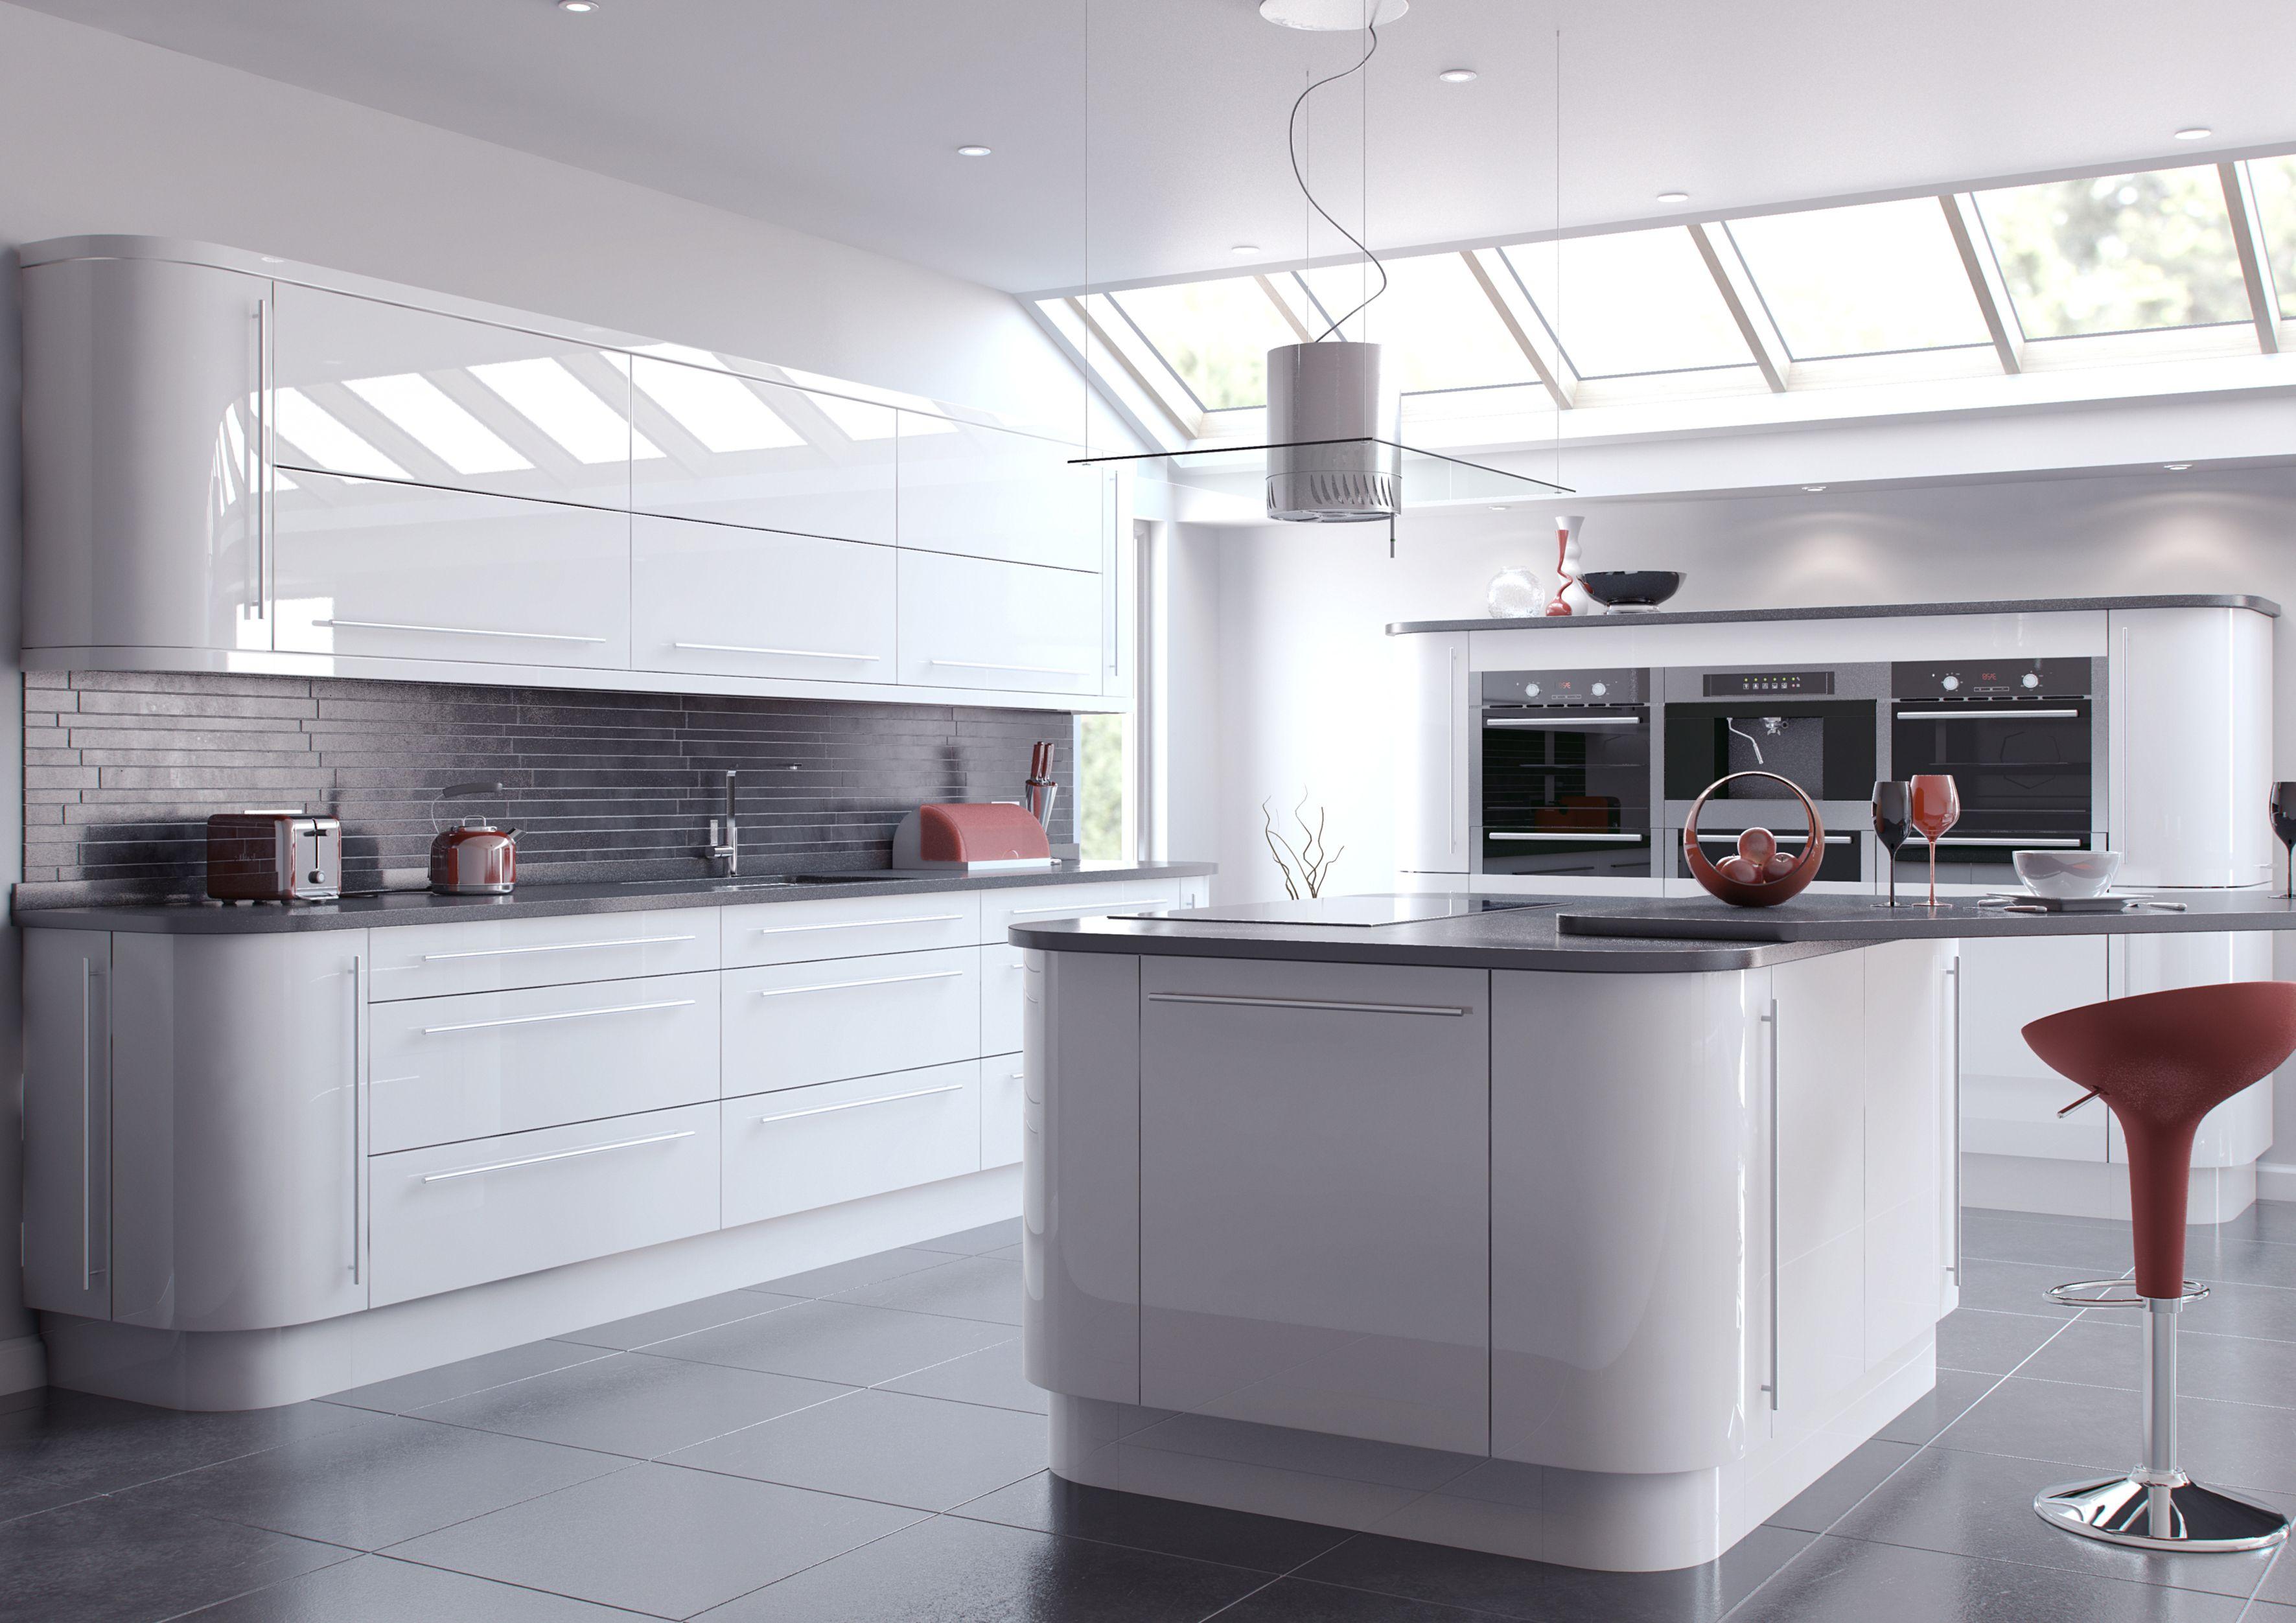 Image Result For White Kitchen Cupboard Doors Moderne Weisse Kuchen Grauer Kuchenboden Glanzkuche